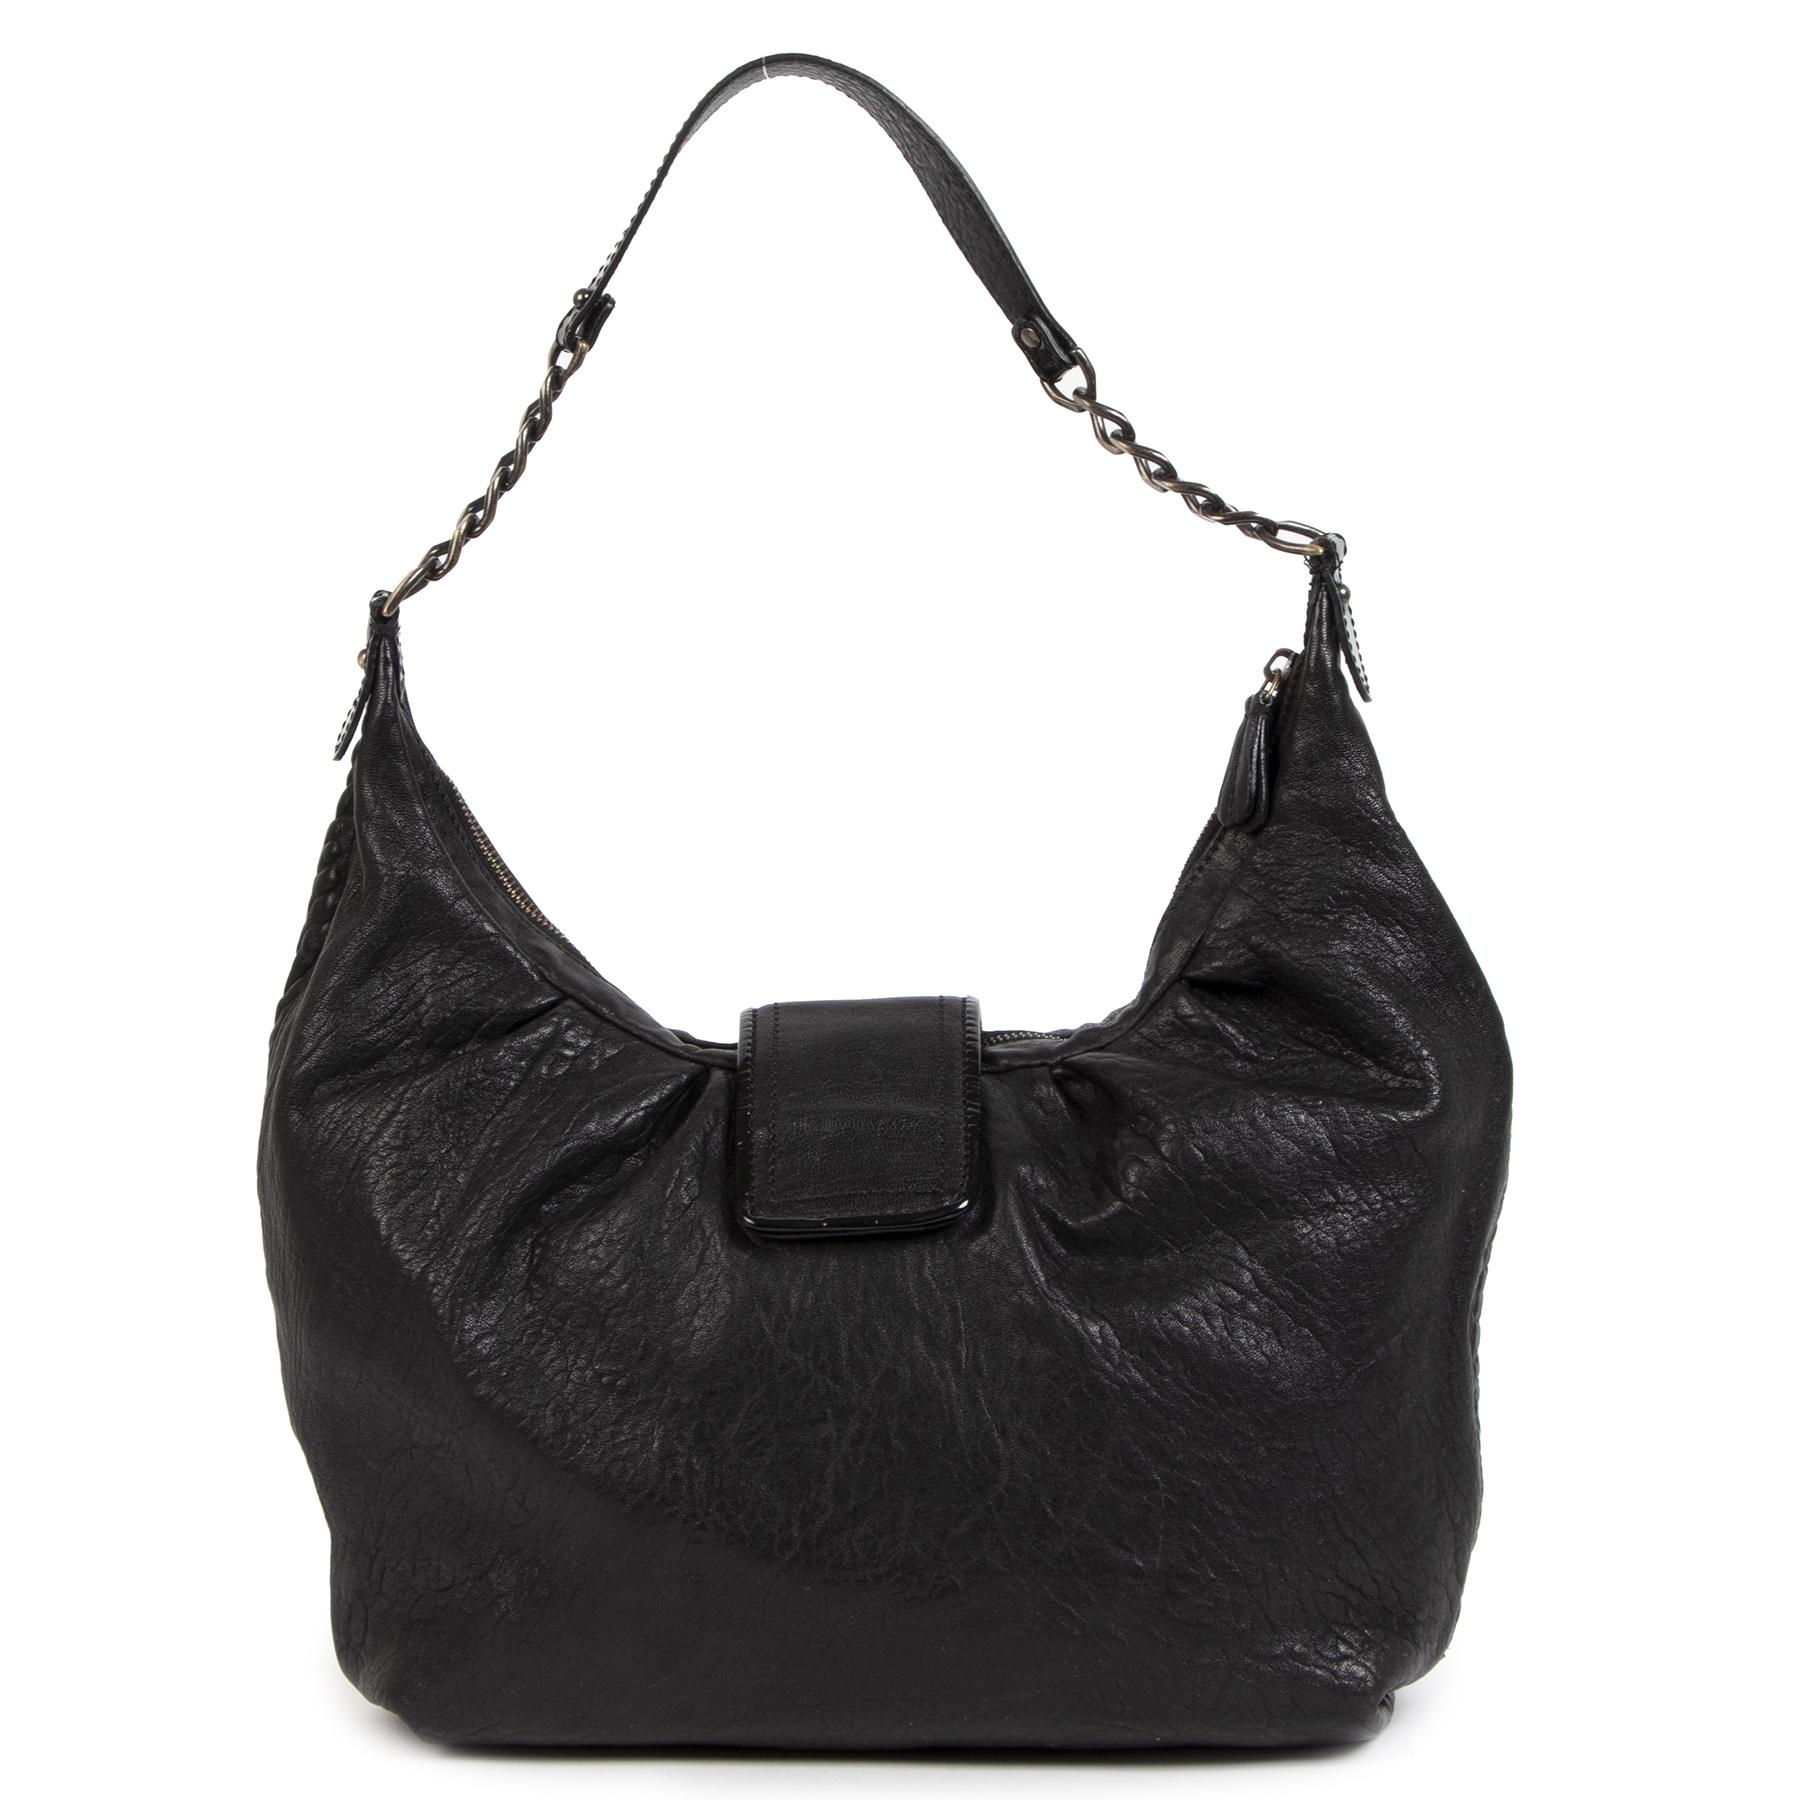 Authentieke Tweedehands Fendi Black Leather B Buckle Shoulder Bag juiste prijs veilig online shoppen luxe merken webshop winkelen Antwerpen België mode fashion